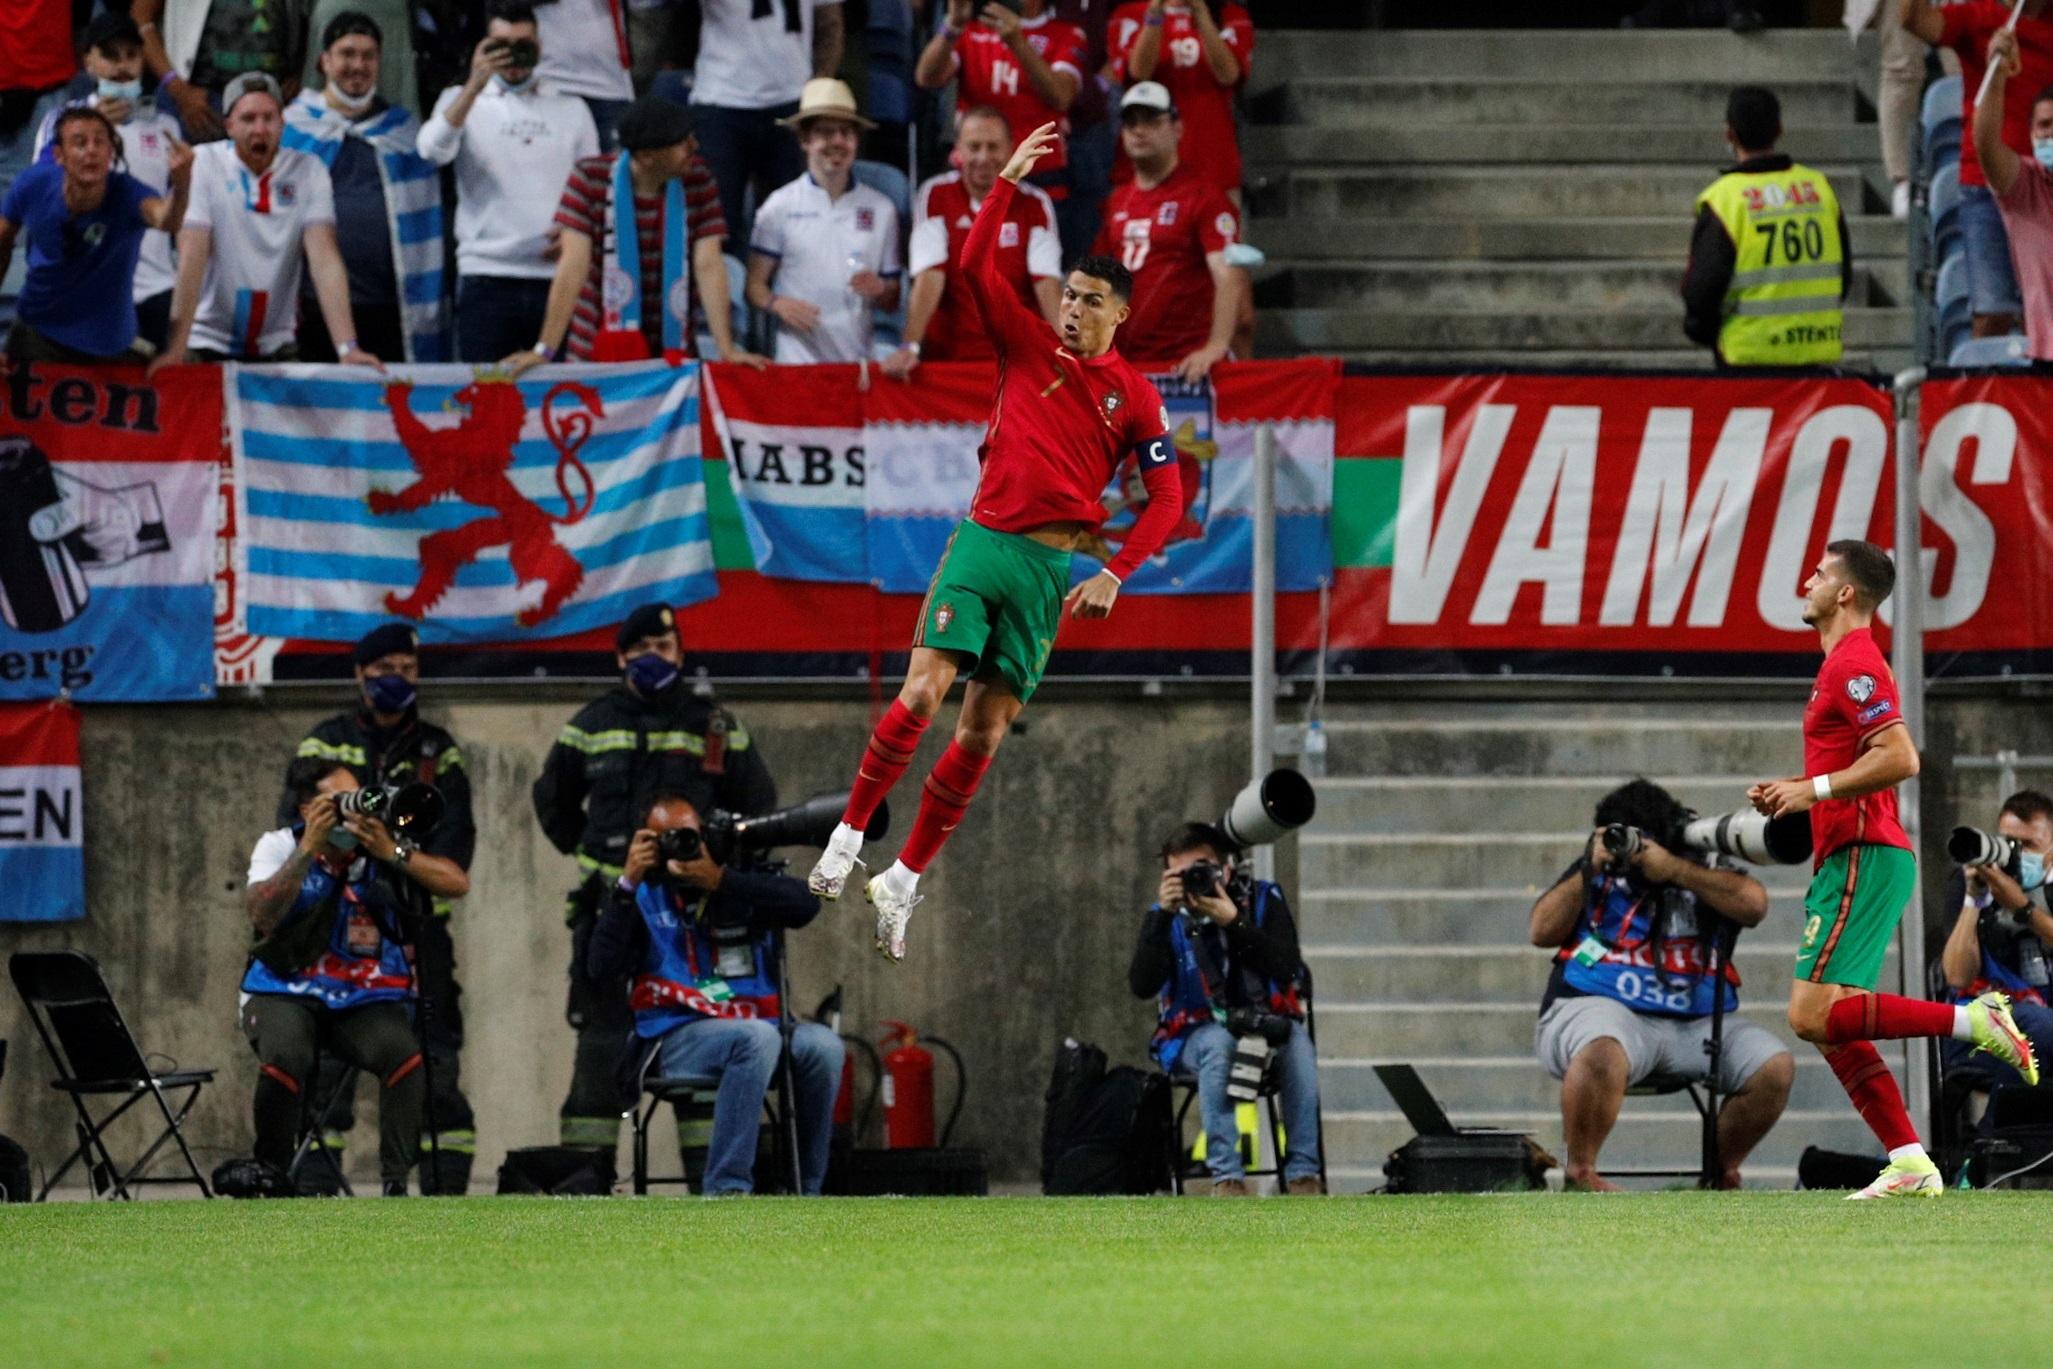 ¡El hat-trick de Cristiano Ronaldo!  Victoria de Portugal, rumbo a Qatar 2022 - Prensa Libre